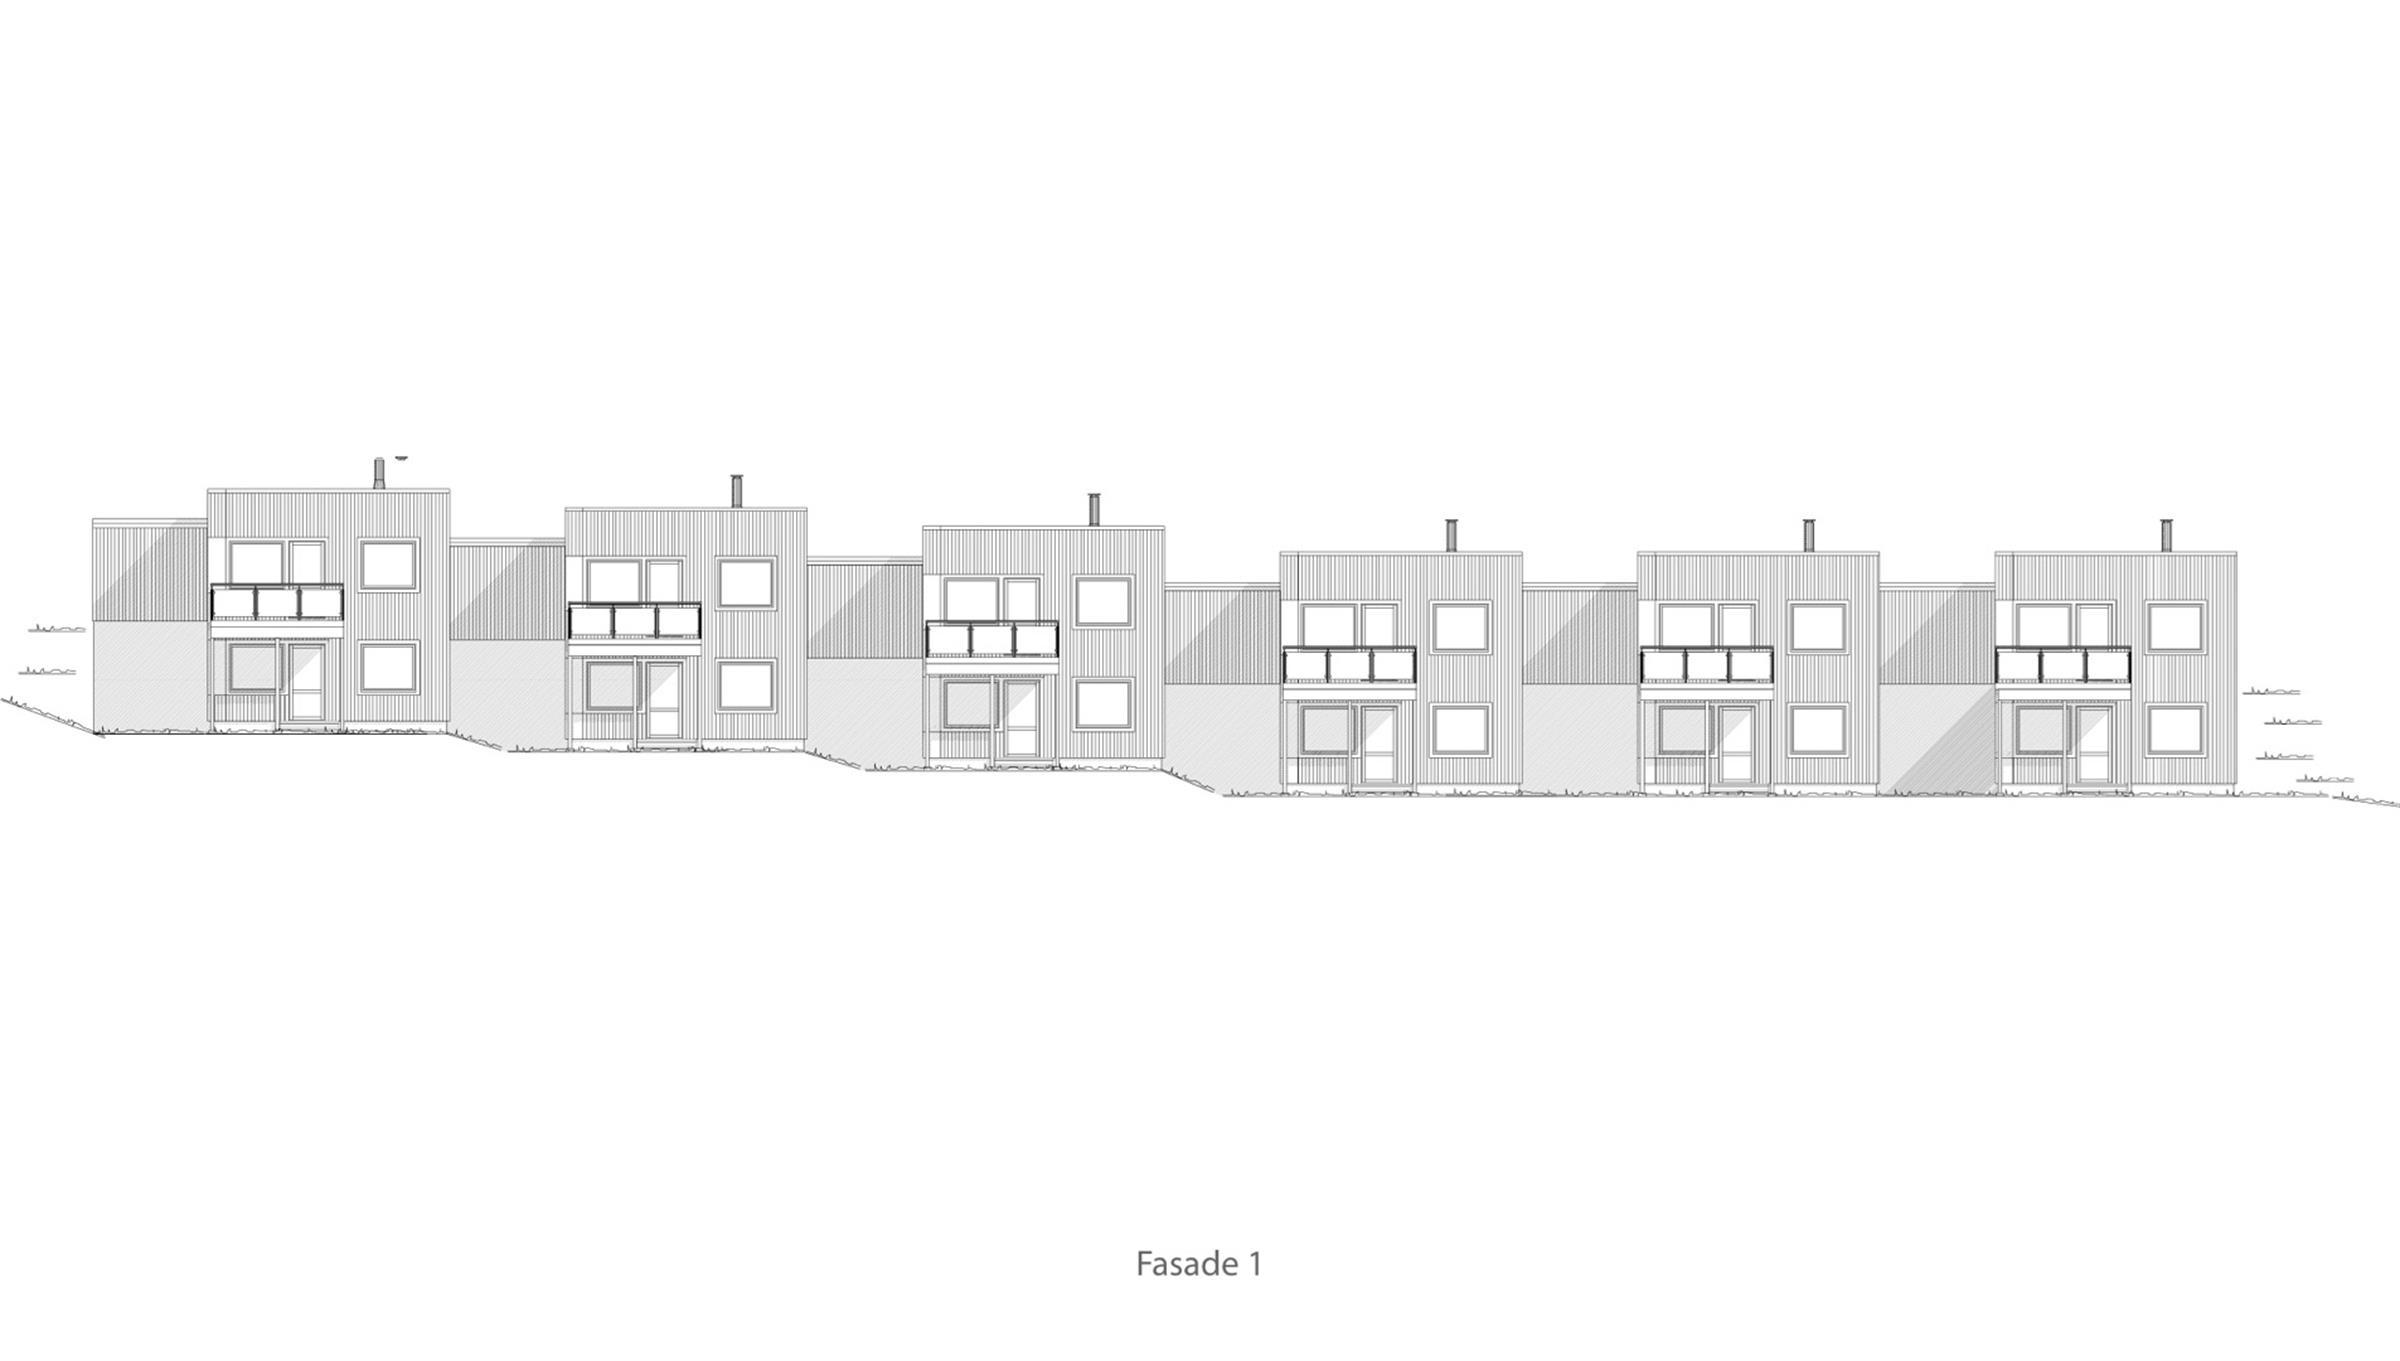 Finnsnes fasade 1